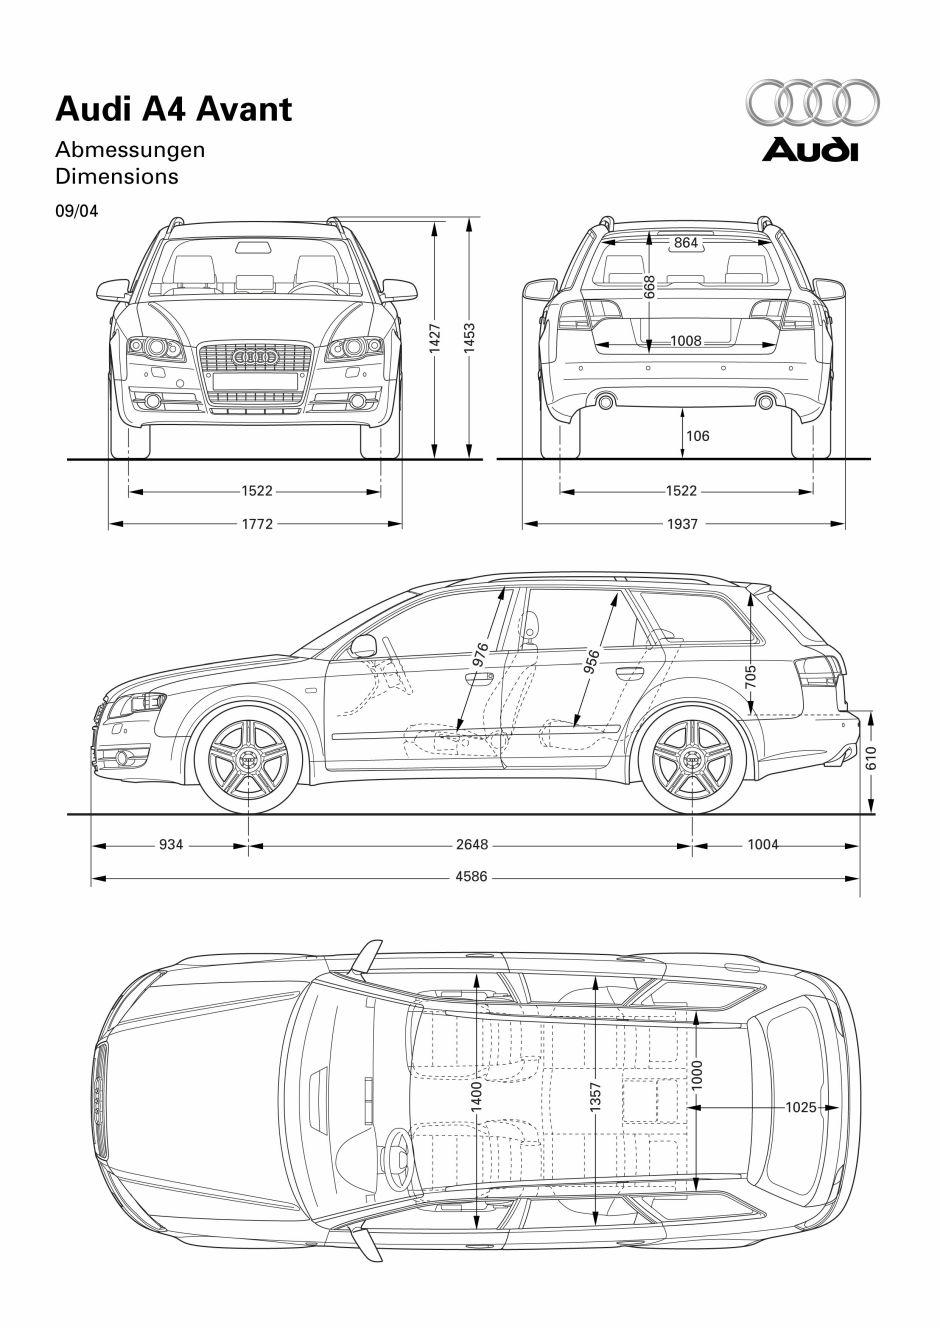 2007 Audi A4 B7 Avant Samochody Osobowe W Encyklopedia